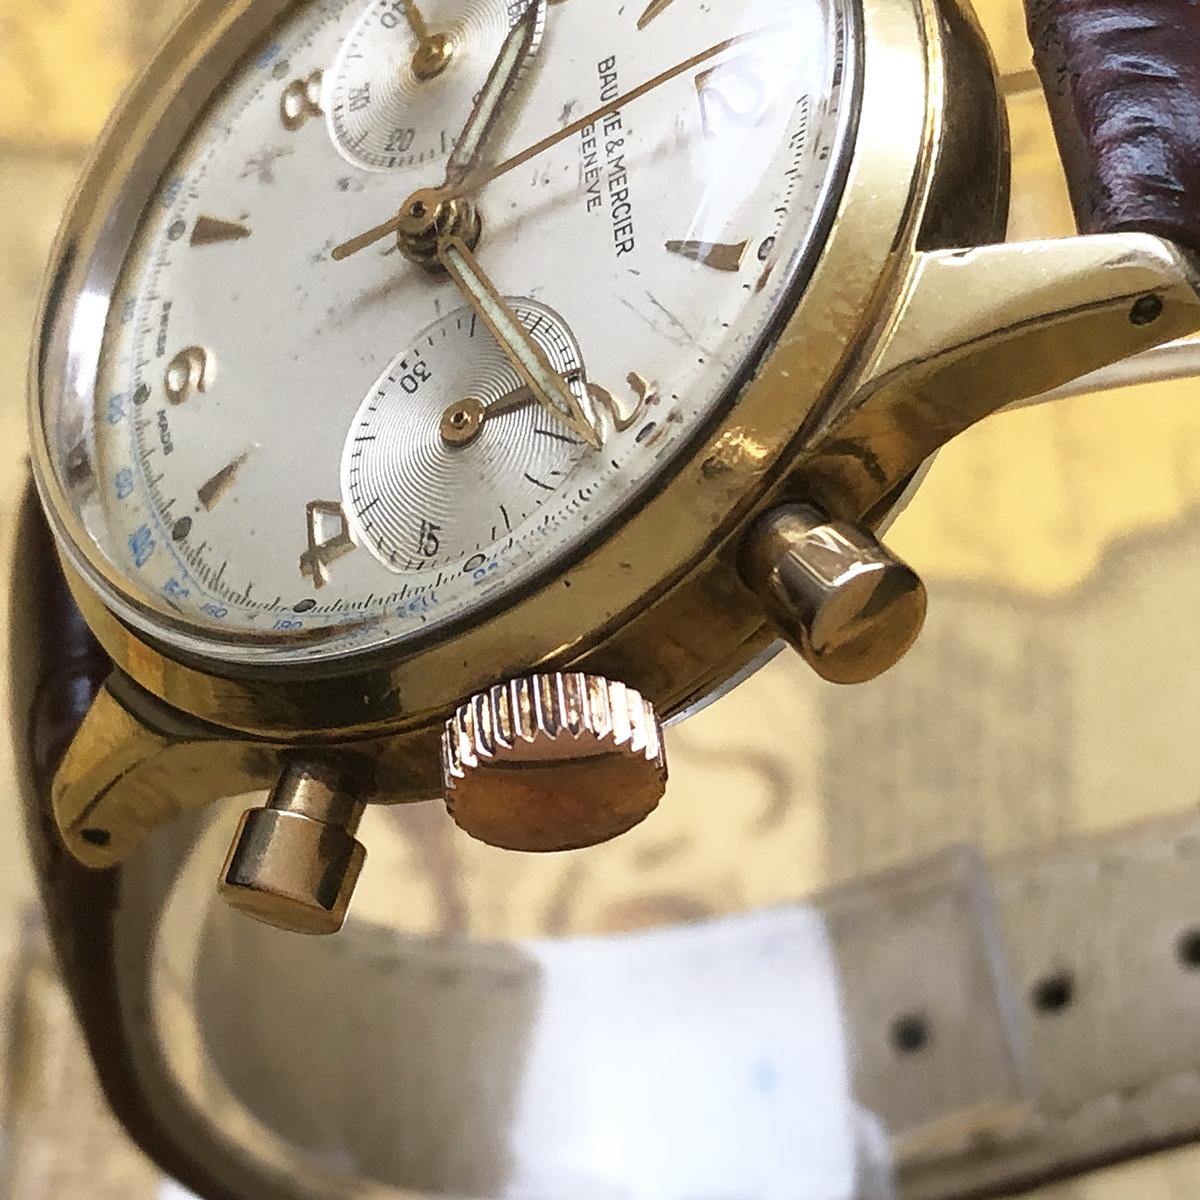 ★希少!! ボーム&メルシエ BAUME&MERCIER 1960s アンティーク Landeron149 メンズ 腕時計 クロノグラフ 手巻 白文字盤 ビンテージ 高級_画像5